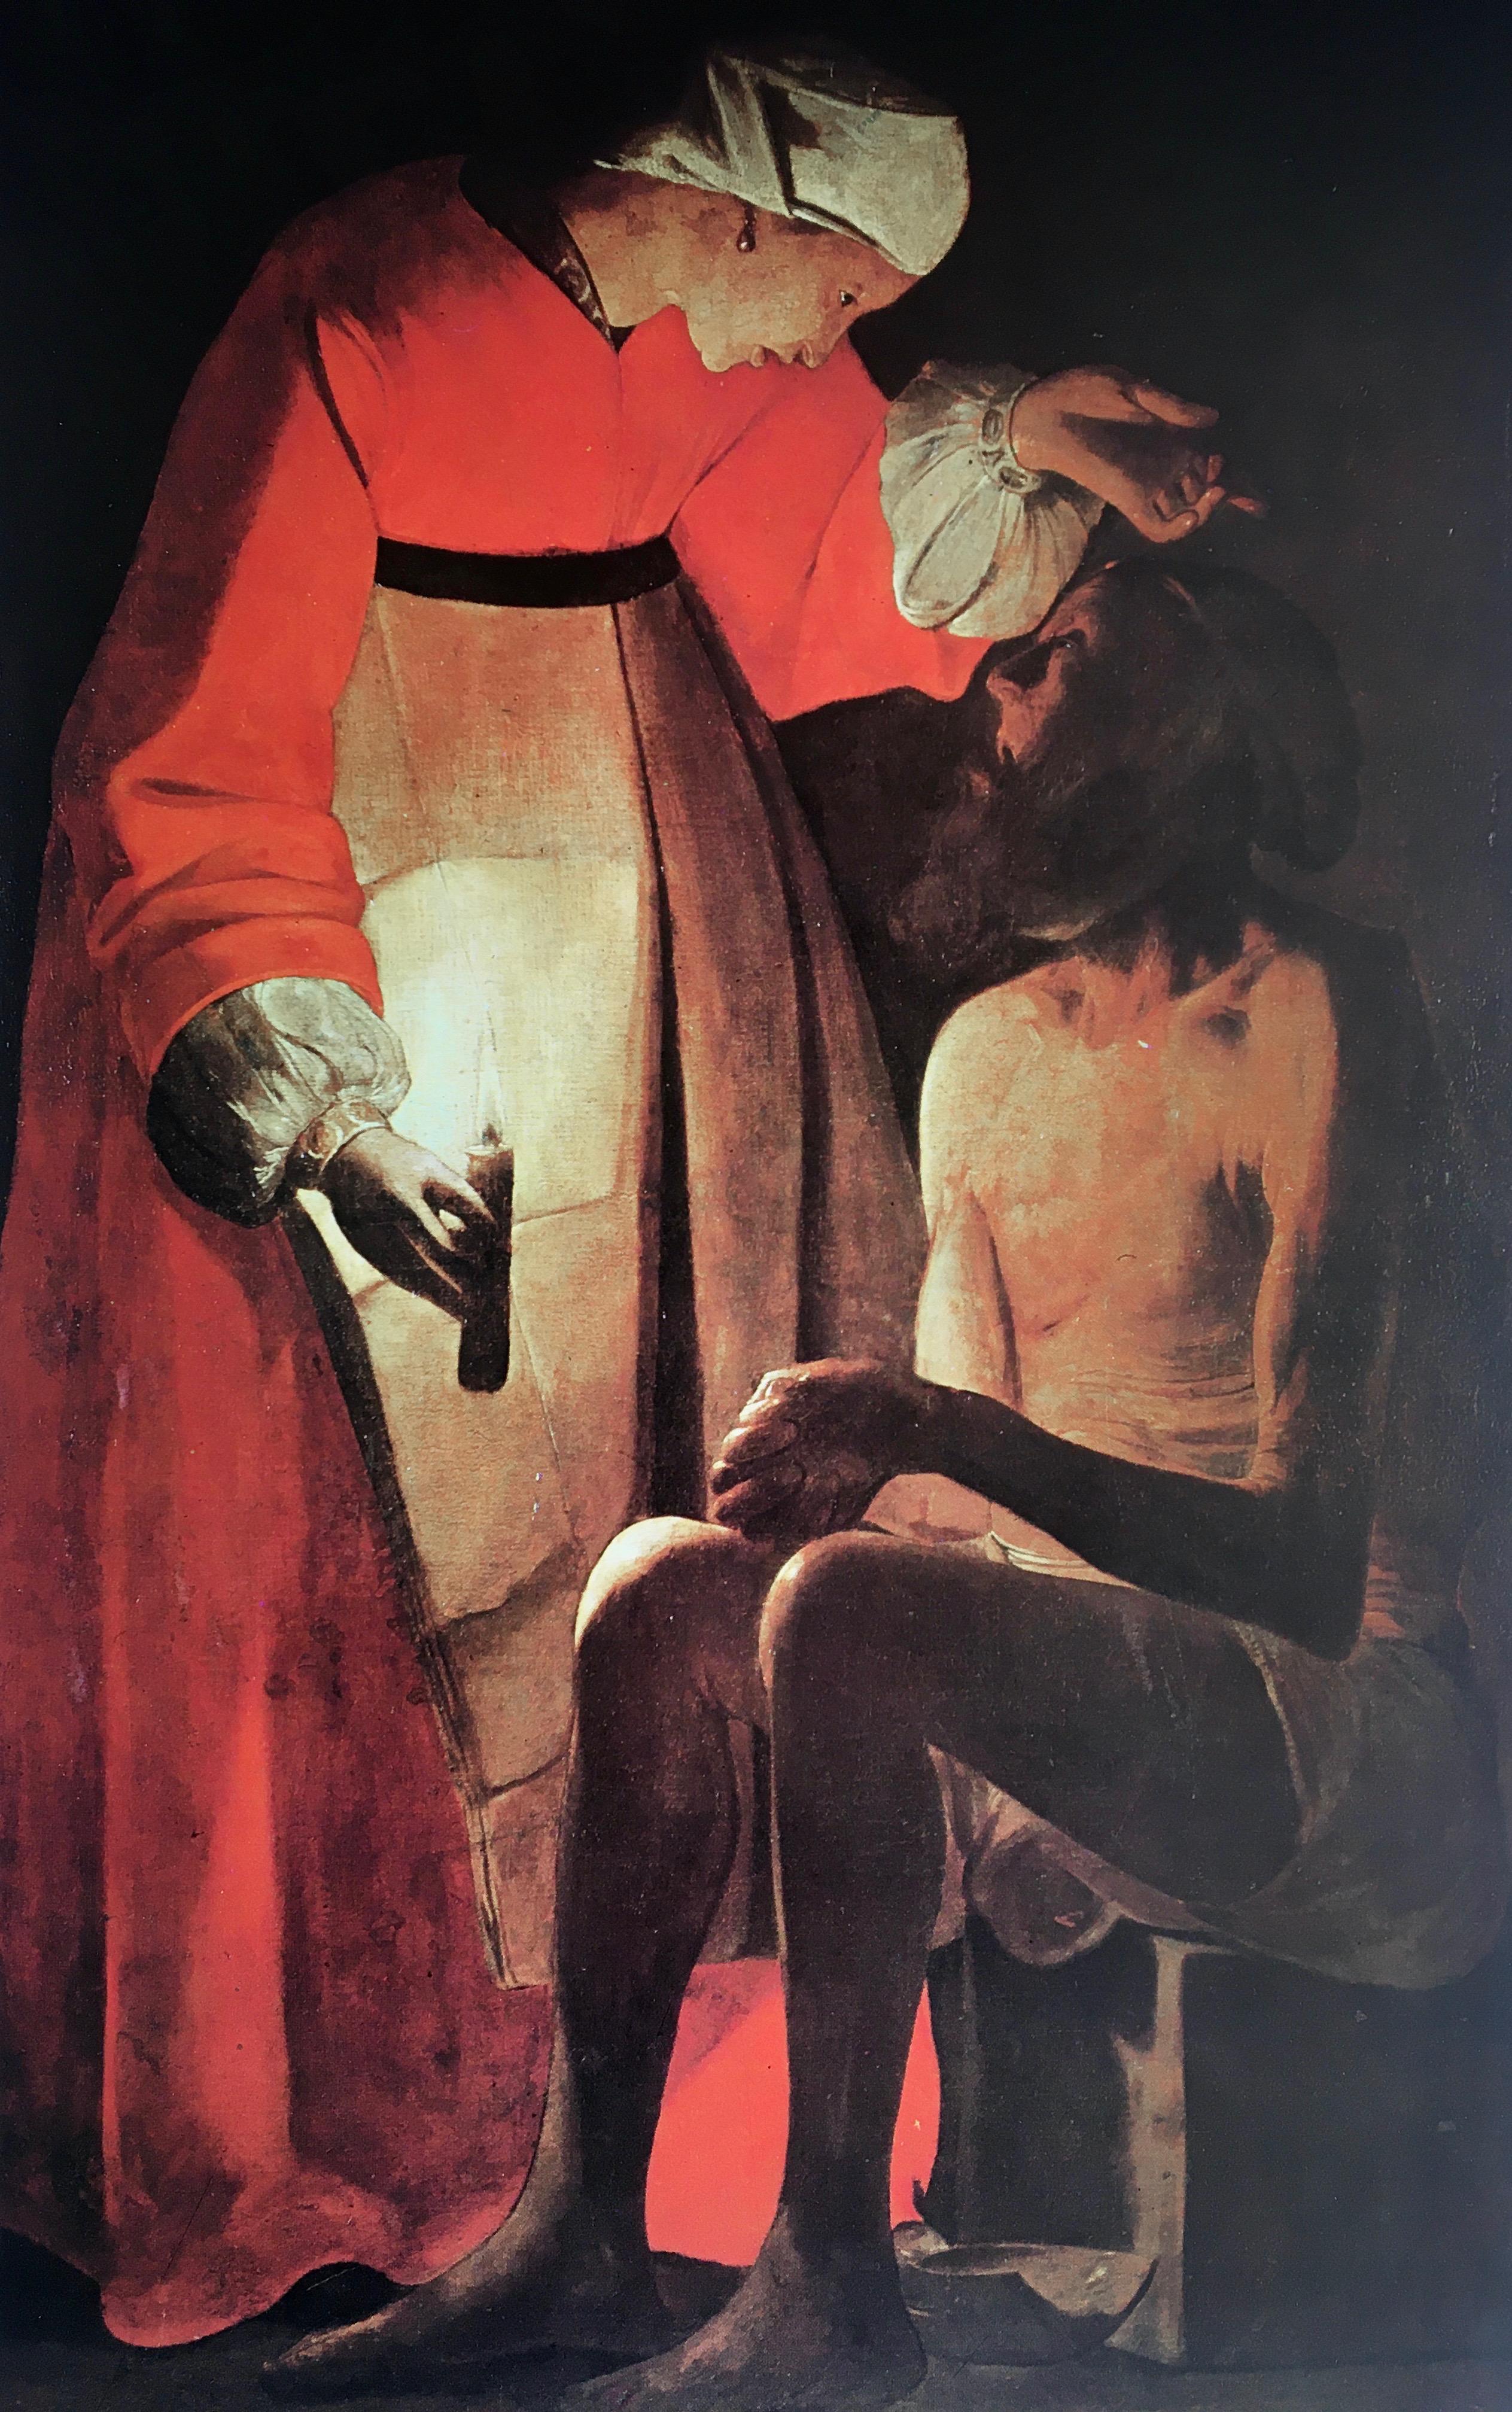 Georges de La Tour, Job et sa femme, vers 1630, huile sur toile, Epinal, Musée d'art ancien et contemporain